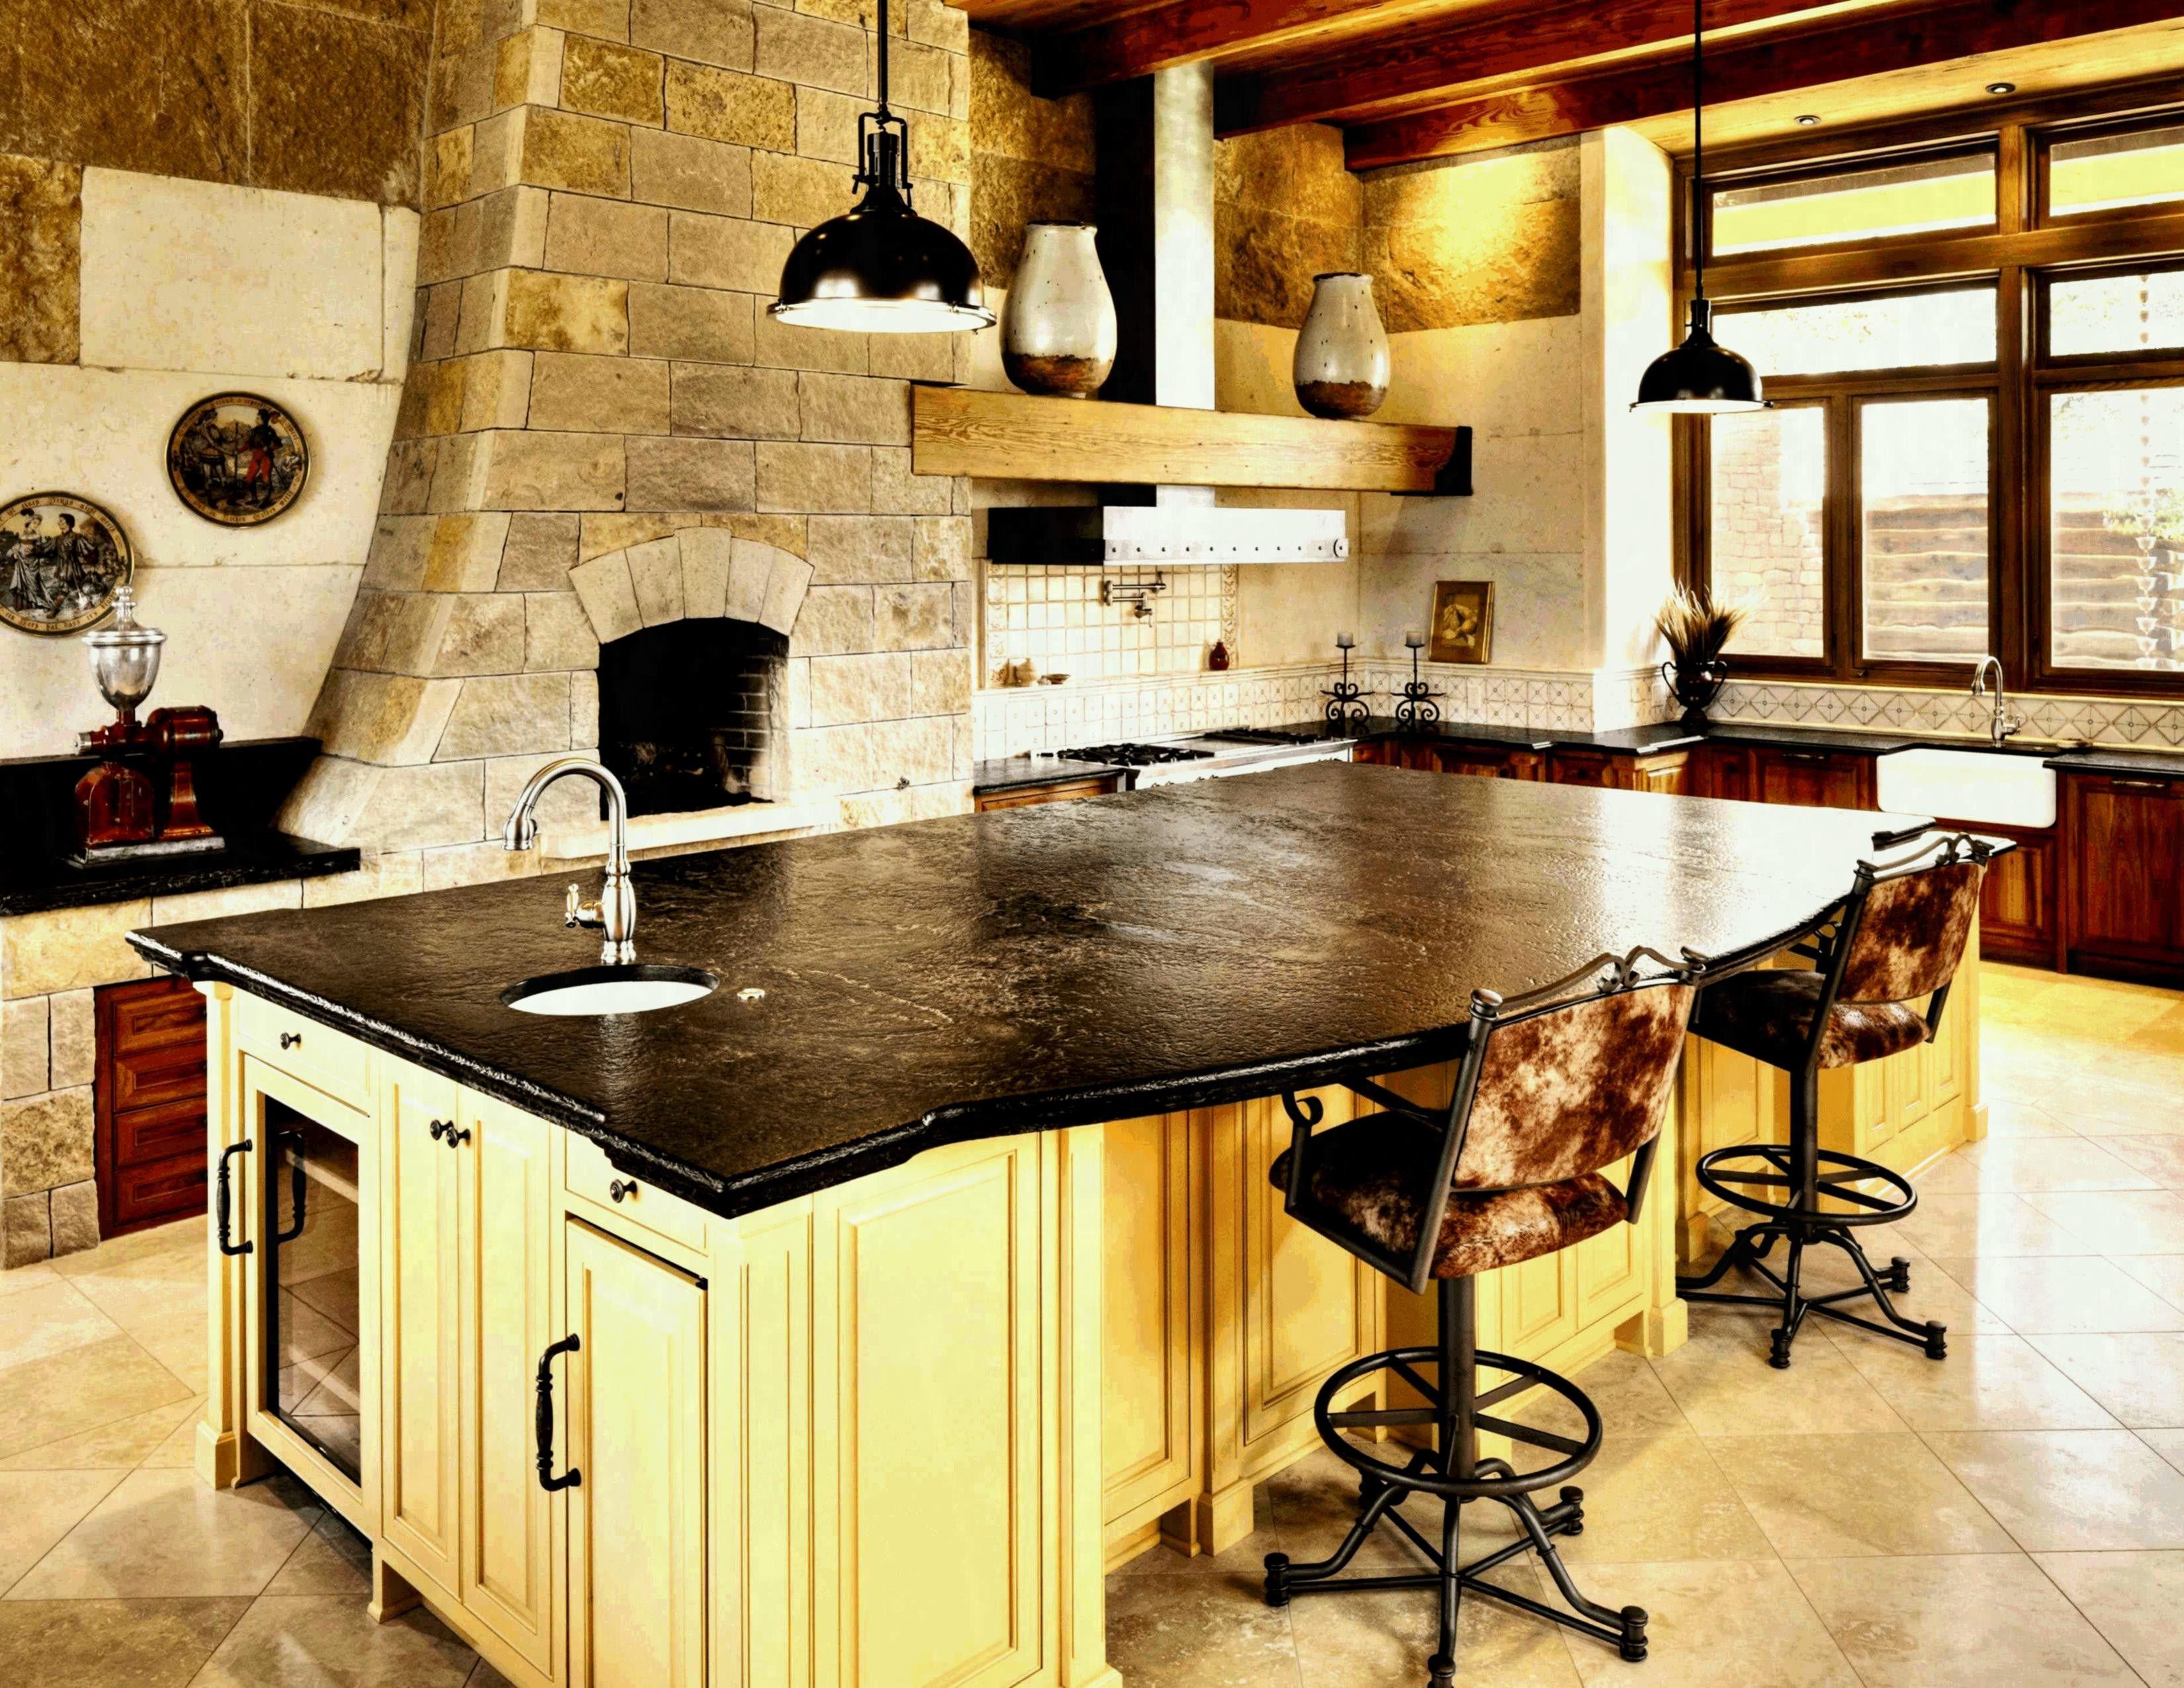 Wohnkultur design bilder moderne küche dekor zubehör  moderne küche dekor zubehör